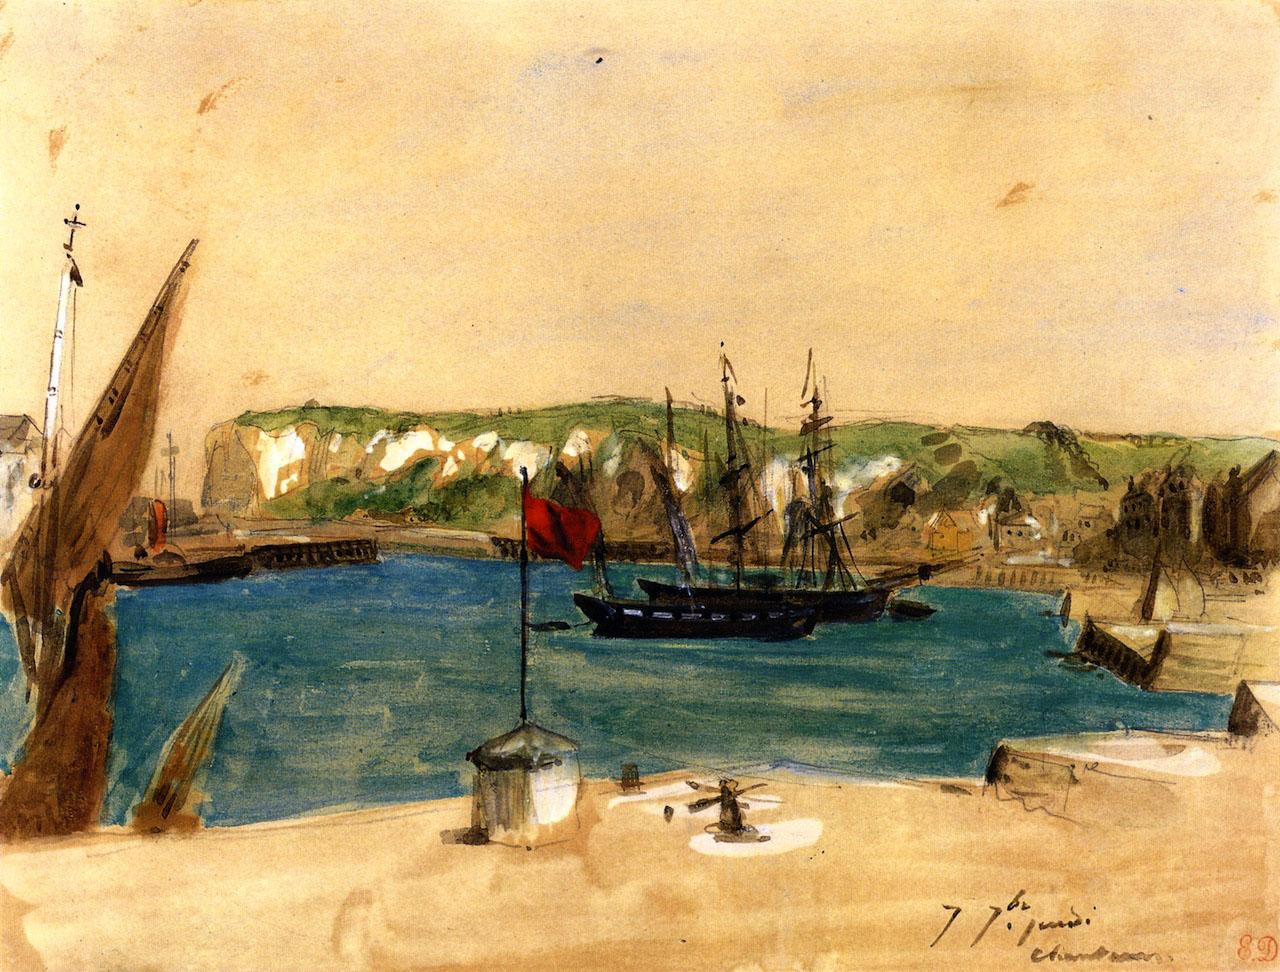 Делакруа Delacroix акварель View of the Port of Dieppe морской пейзаж Альберт Сафиуллин